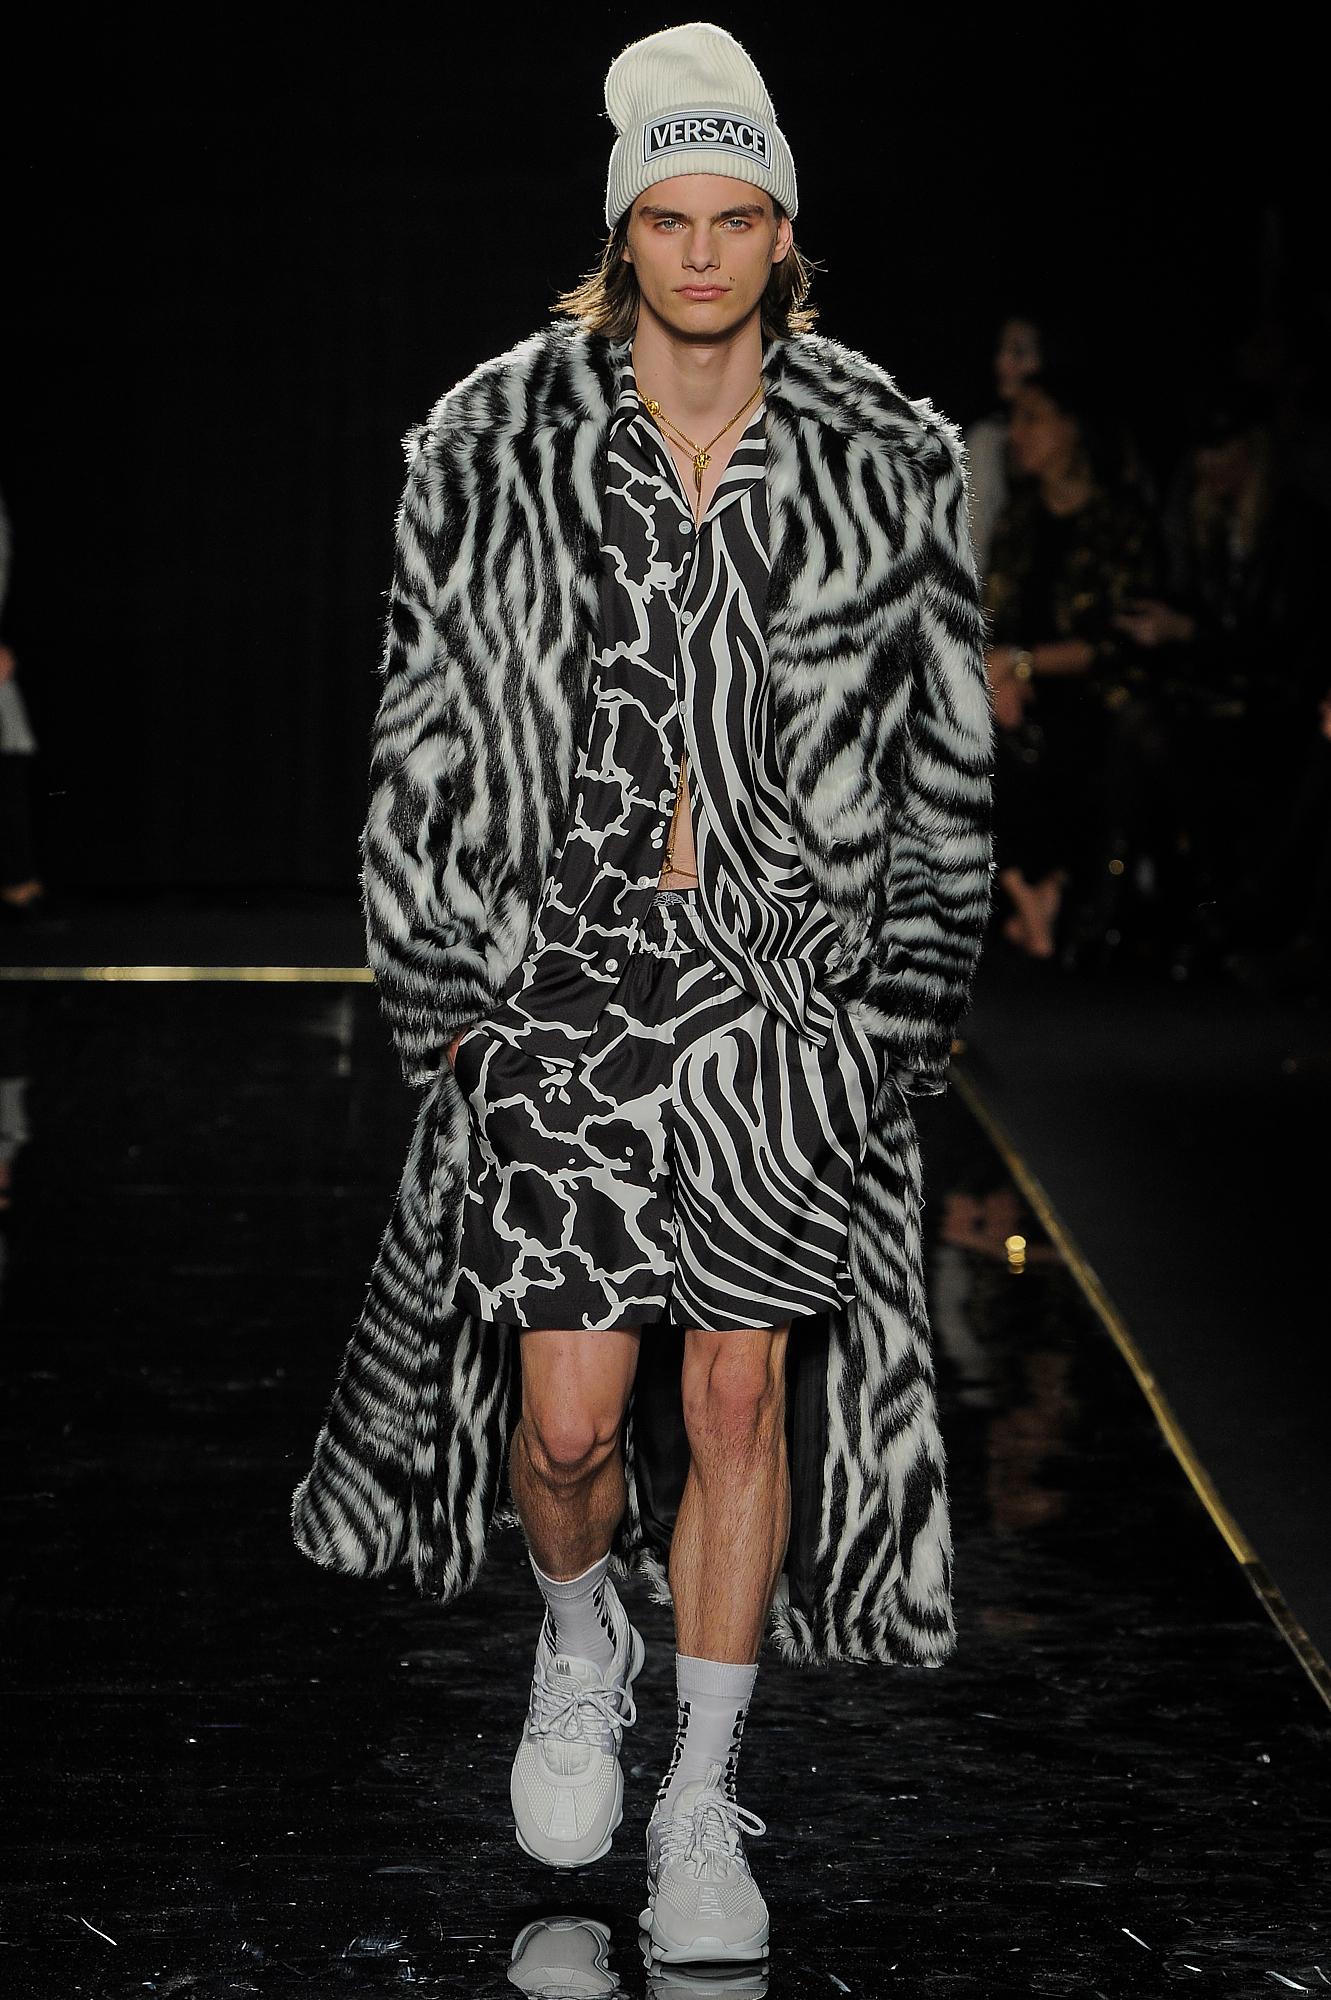 Versace_23_82_versace_runway_runway_00023.jpg